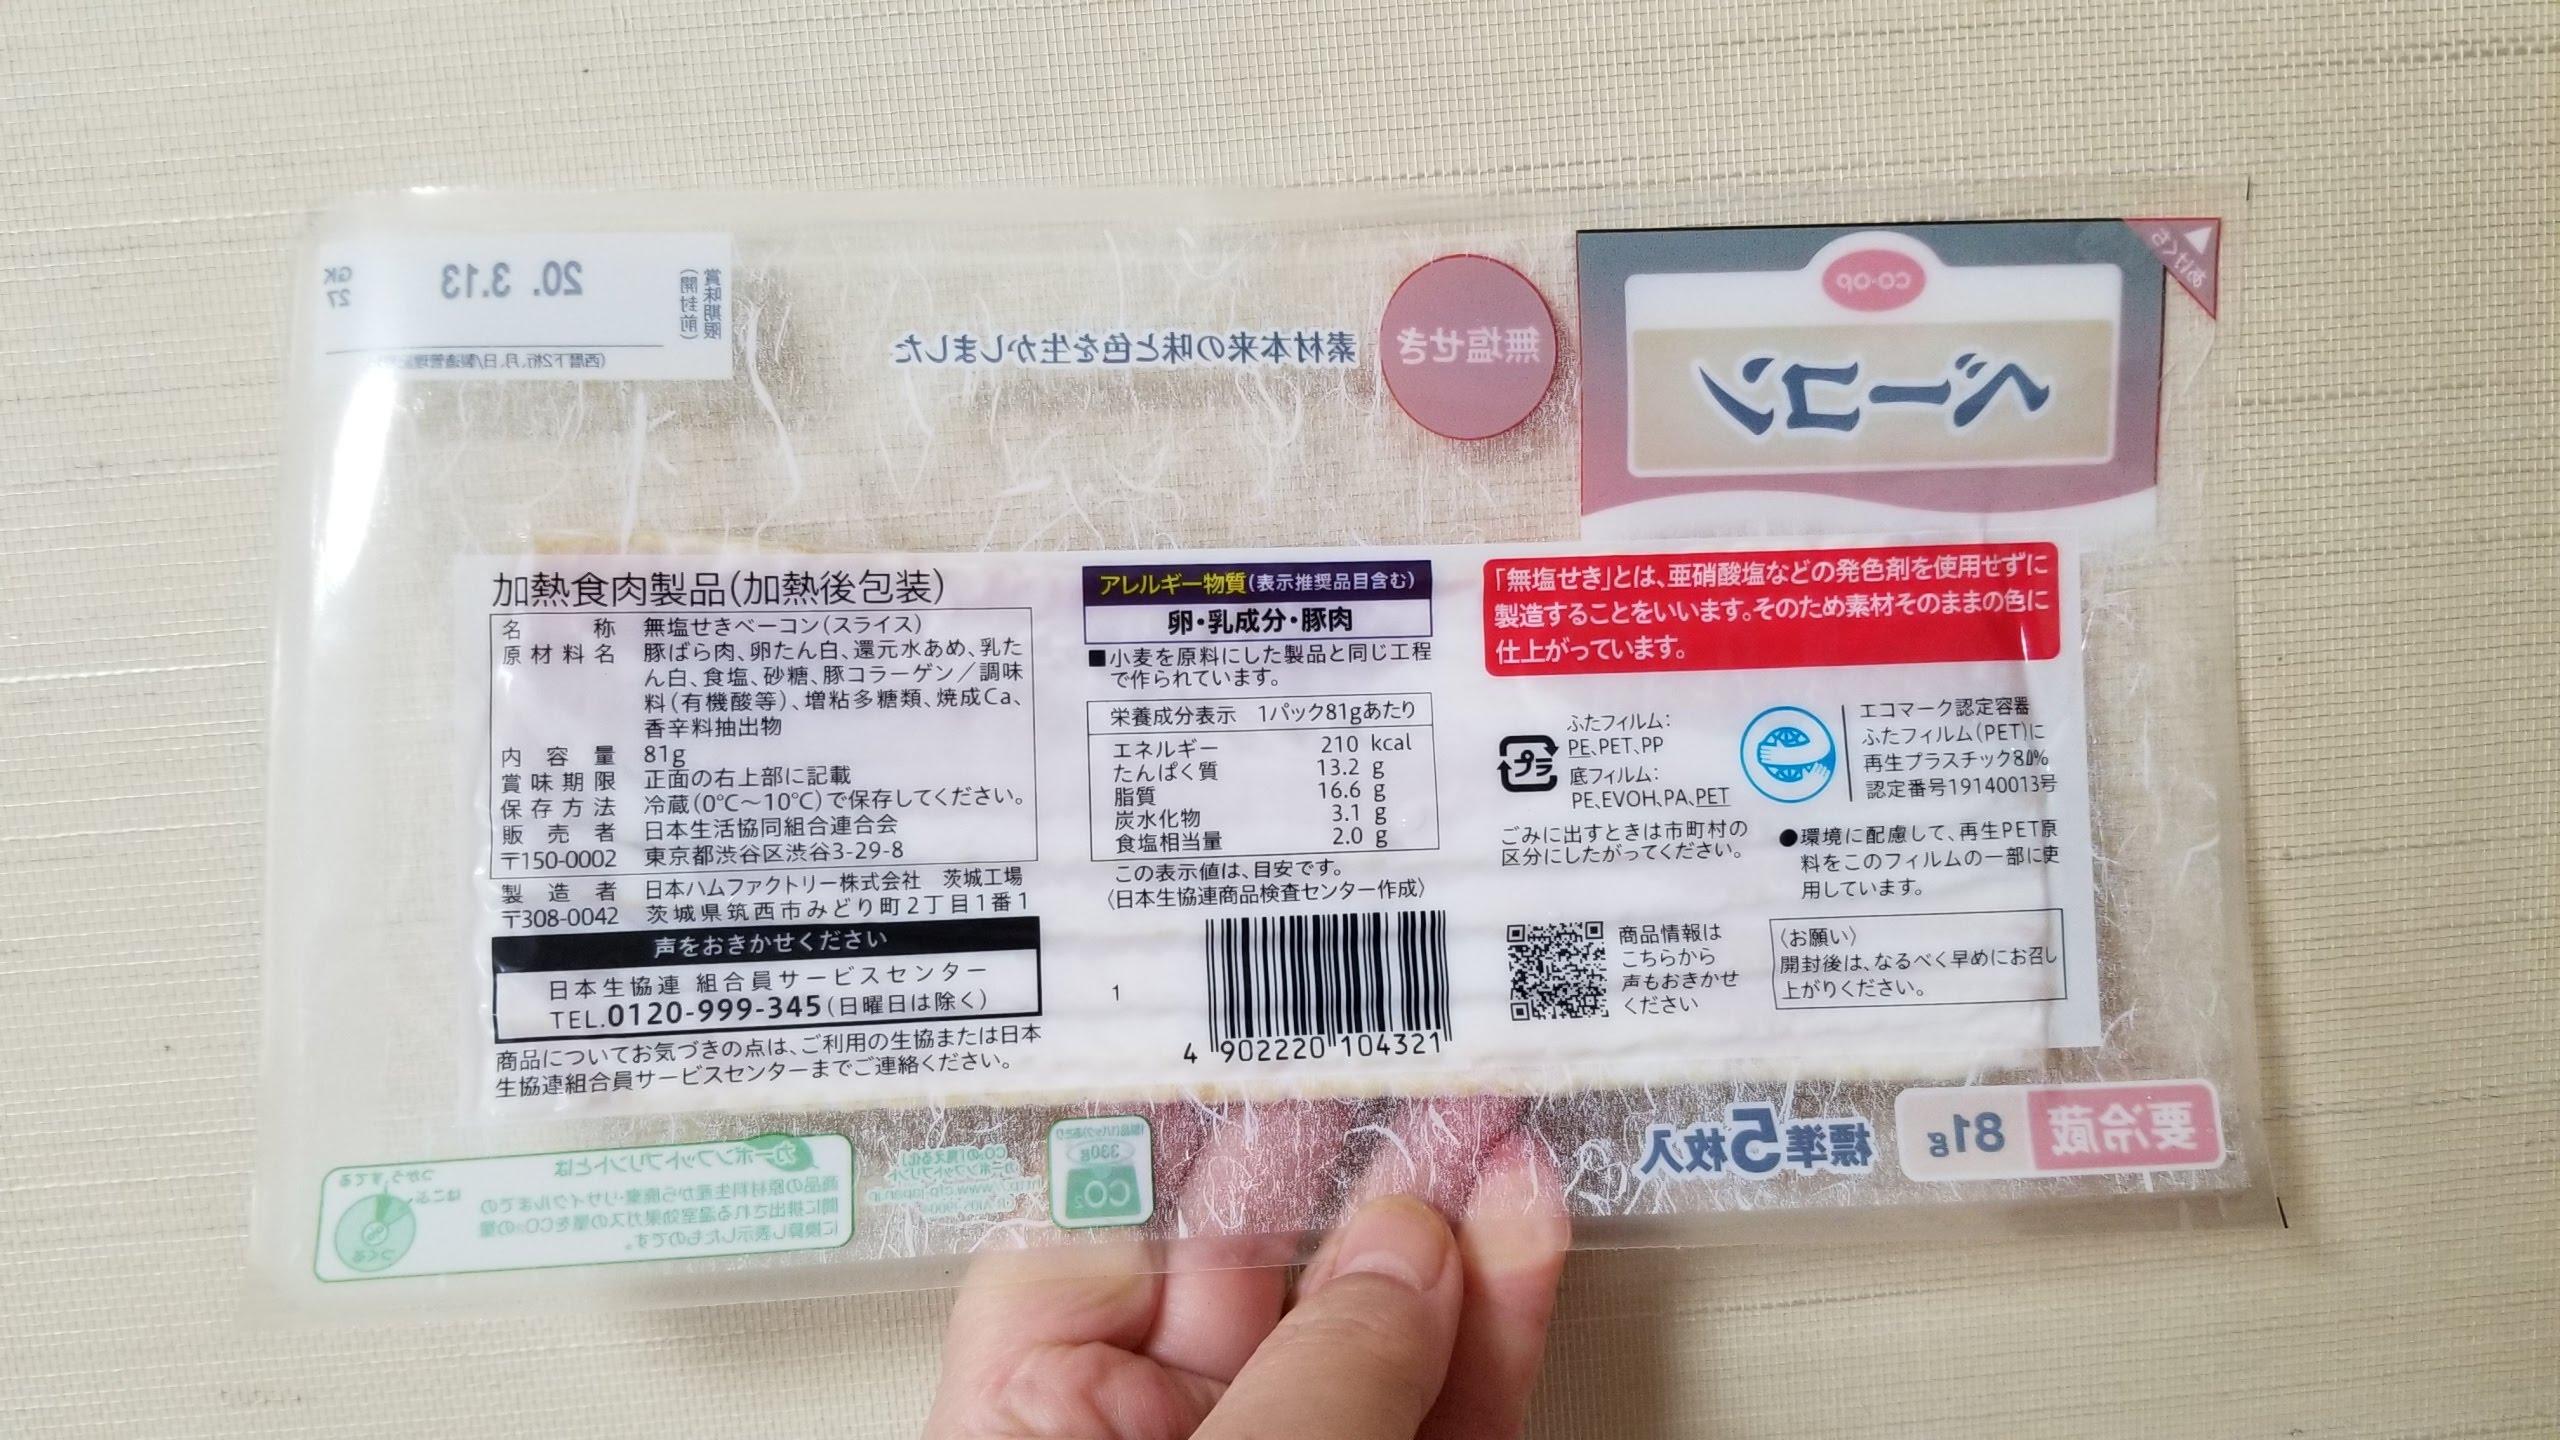 コープベーコン無塩せき/生協_20200306_075806